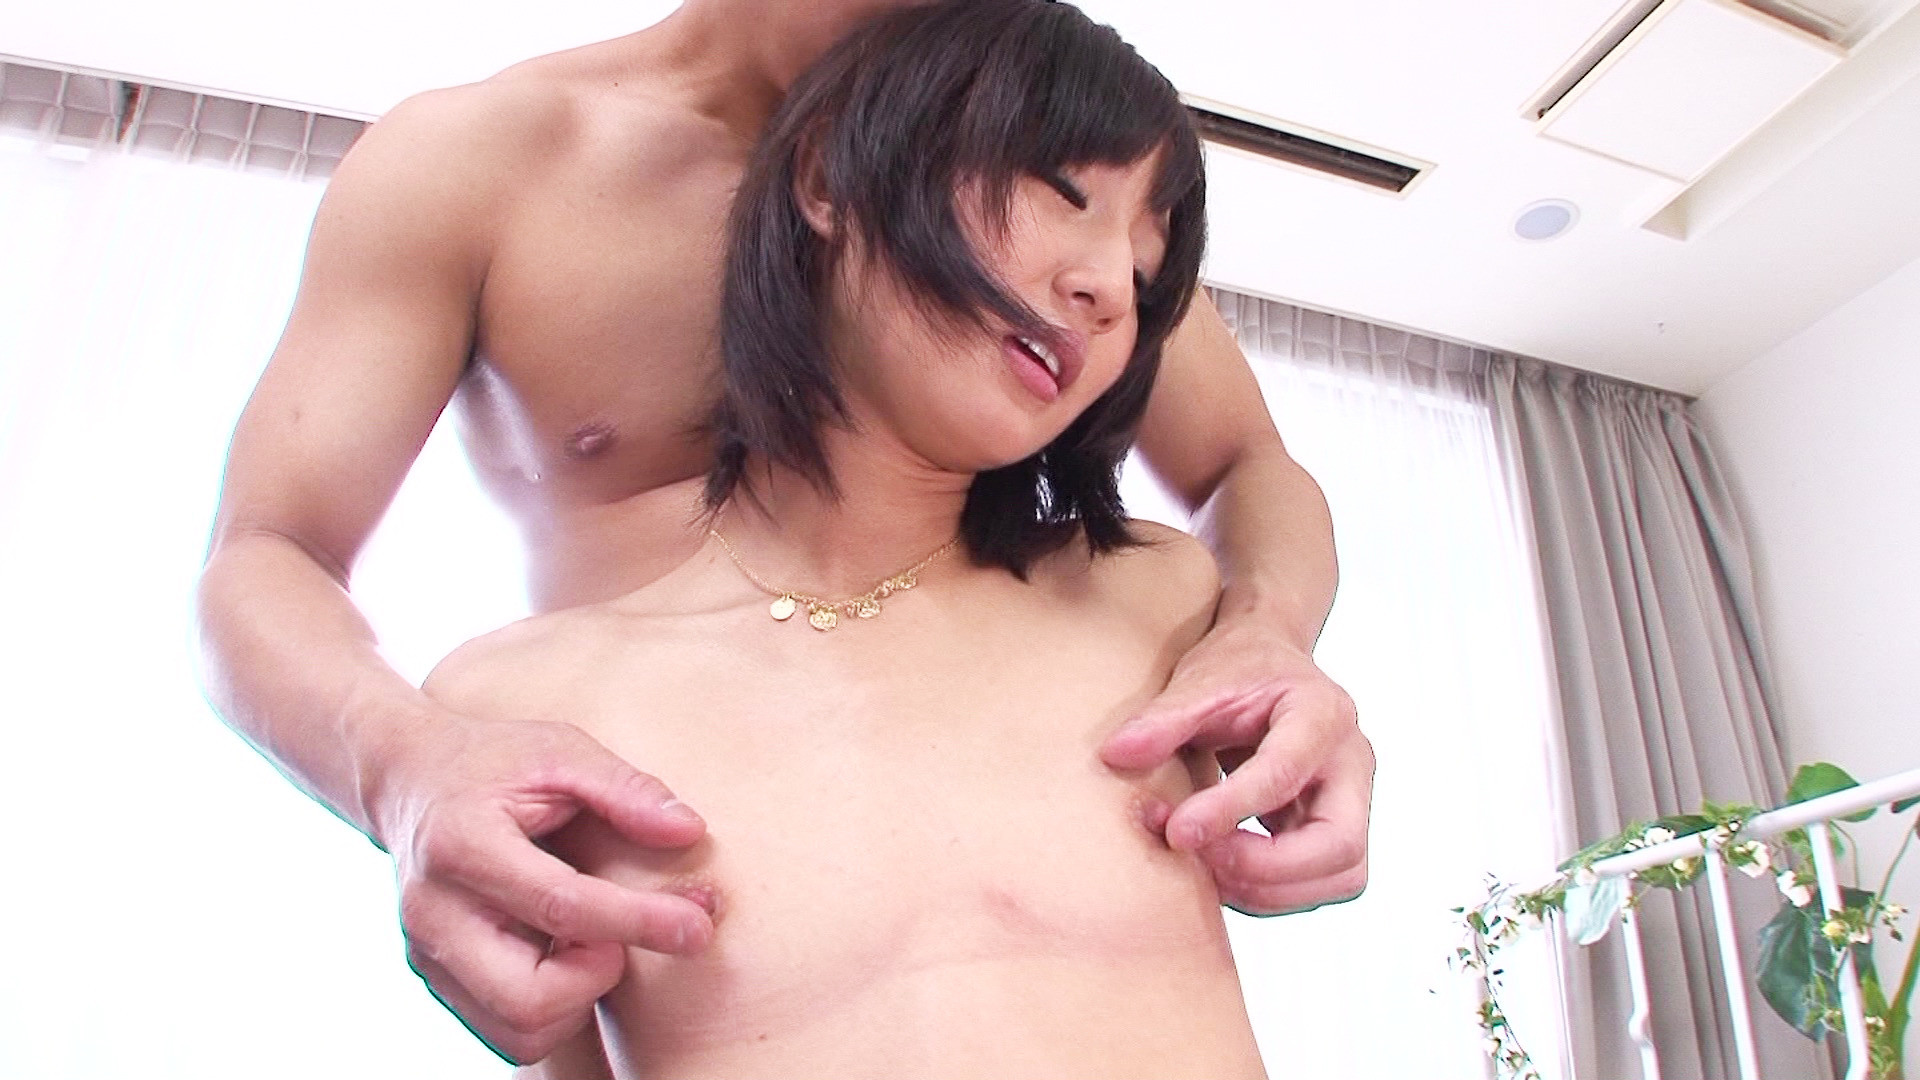 小柄で微乳な女の子をマッチョな男と絡ませて小さな膣穴に大きな肉棒たべさせましたぁ~!!